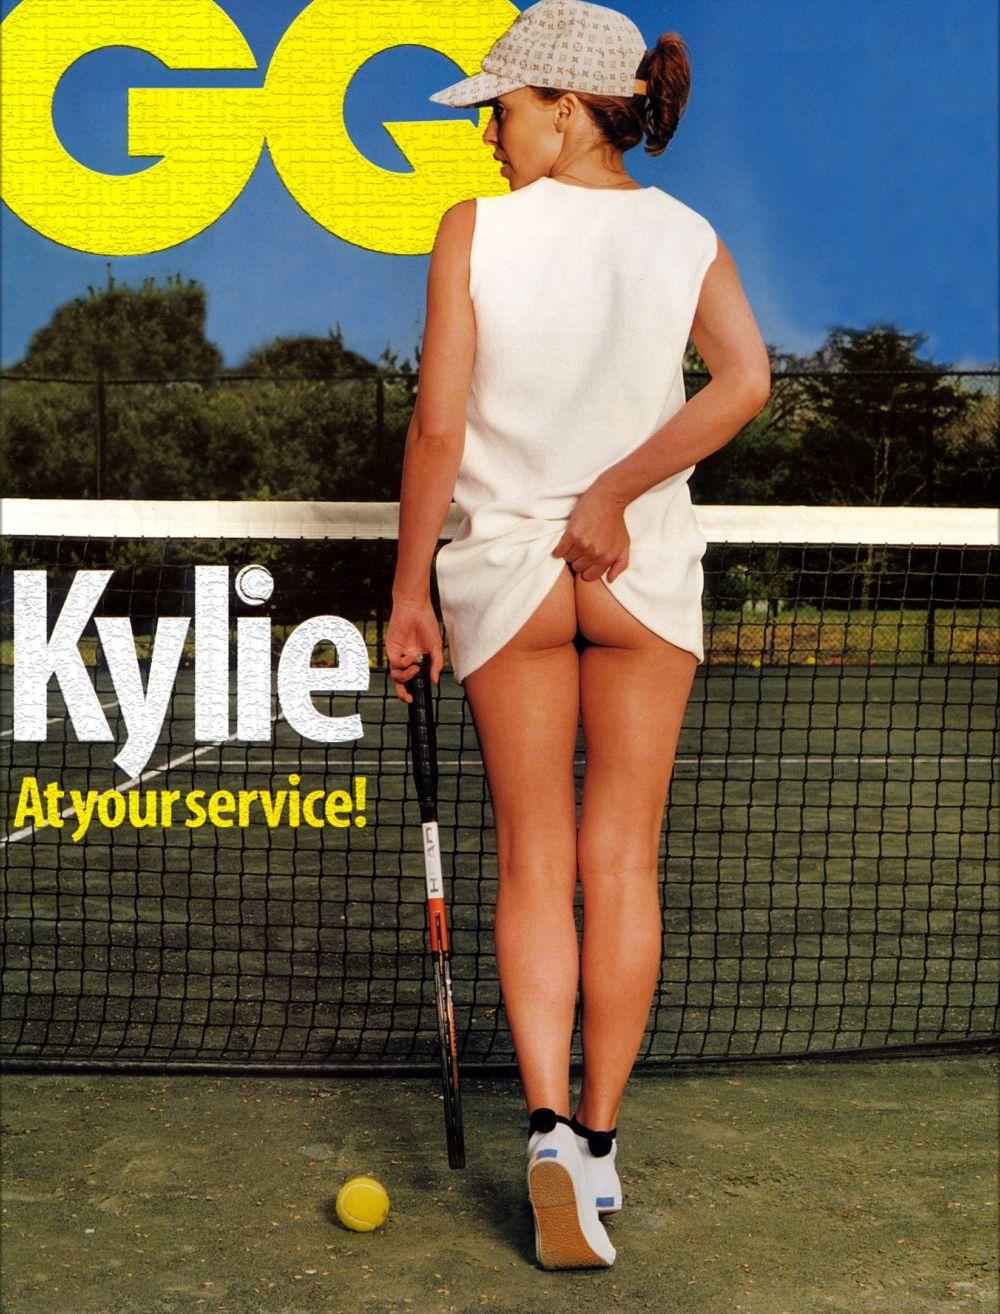 Tennis girl butler fiona